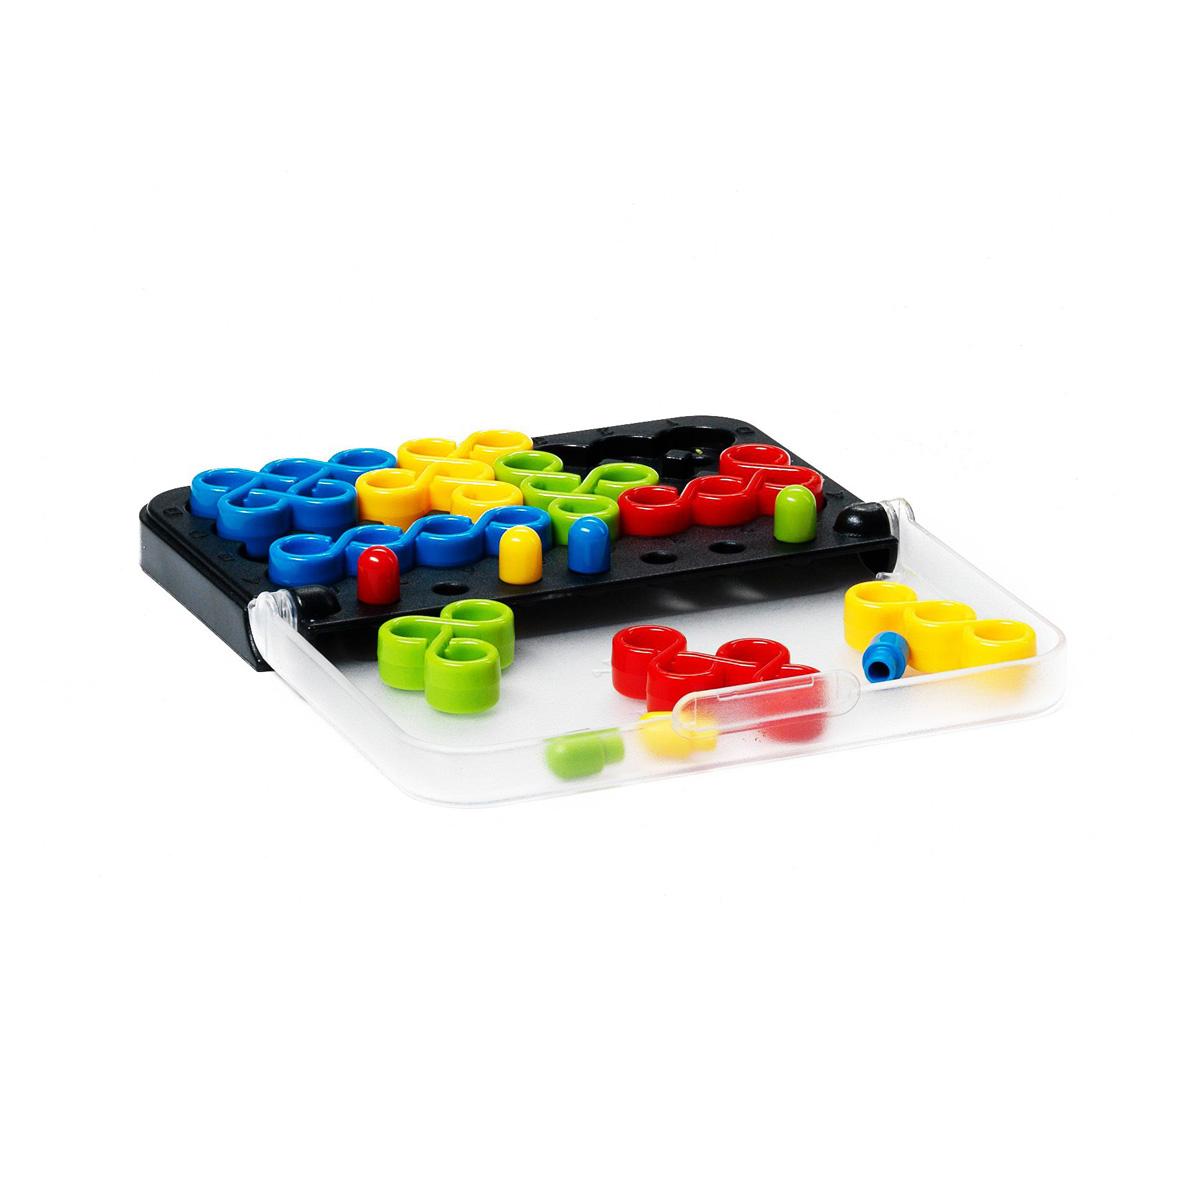 Логическая игра Bondibon Smartgames IQ-ТвистВВ0868Расположи все детали головоломки на игровой доске, крути их, как тебе захочется, ведь эта логическая игра - твист! Твист - знаменитый танец 60-х годов. Как и в танце, детали этой головоломки кружатся, чтобы занять свои места на игровом поле. Но будь внимателен: только на первый взгляд все кажется простым! В танце - надо обязательно всегда хотя бы одной ногой стоять на земле, в игре надо обязательно сочетать цвет деталей с цветом хитро расположенных на поле фишек-колышков. Потренируй свой ум этой логической игрой! Игра содержит 100 заданий разной сложности. Она компактна и легко умещается в кармане или сумочке. Игра имеет 5 уровней сложности. Уровень сложности каждого задания определяется количеством деталей, которые нужно расположить на игровом поле. С ее помощью можно развить логическое мышление и познавательные способности, социальное развитие, концентрацию внимания, тренировку памяти, фантазию и мелкую моторику. В комплект входят: буклет с 100 заданиями с ответами, 8...